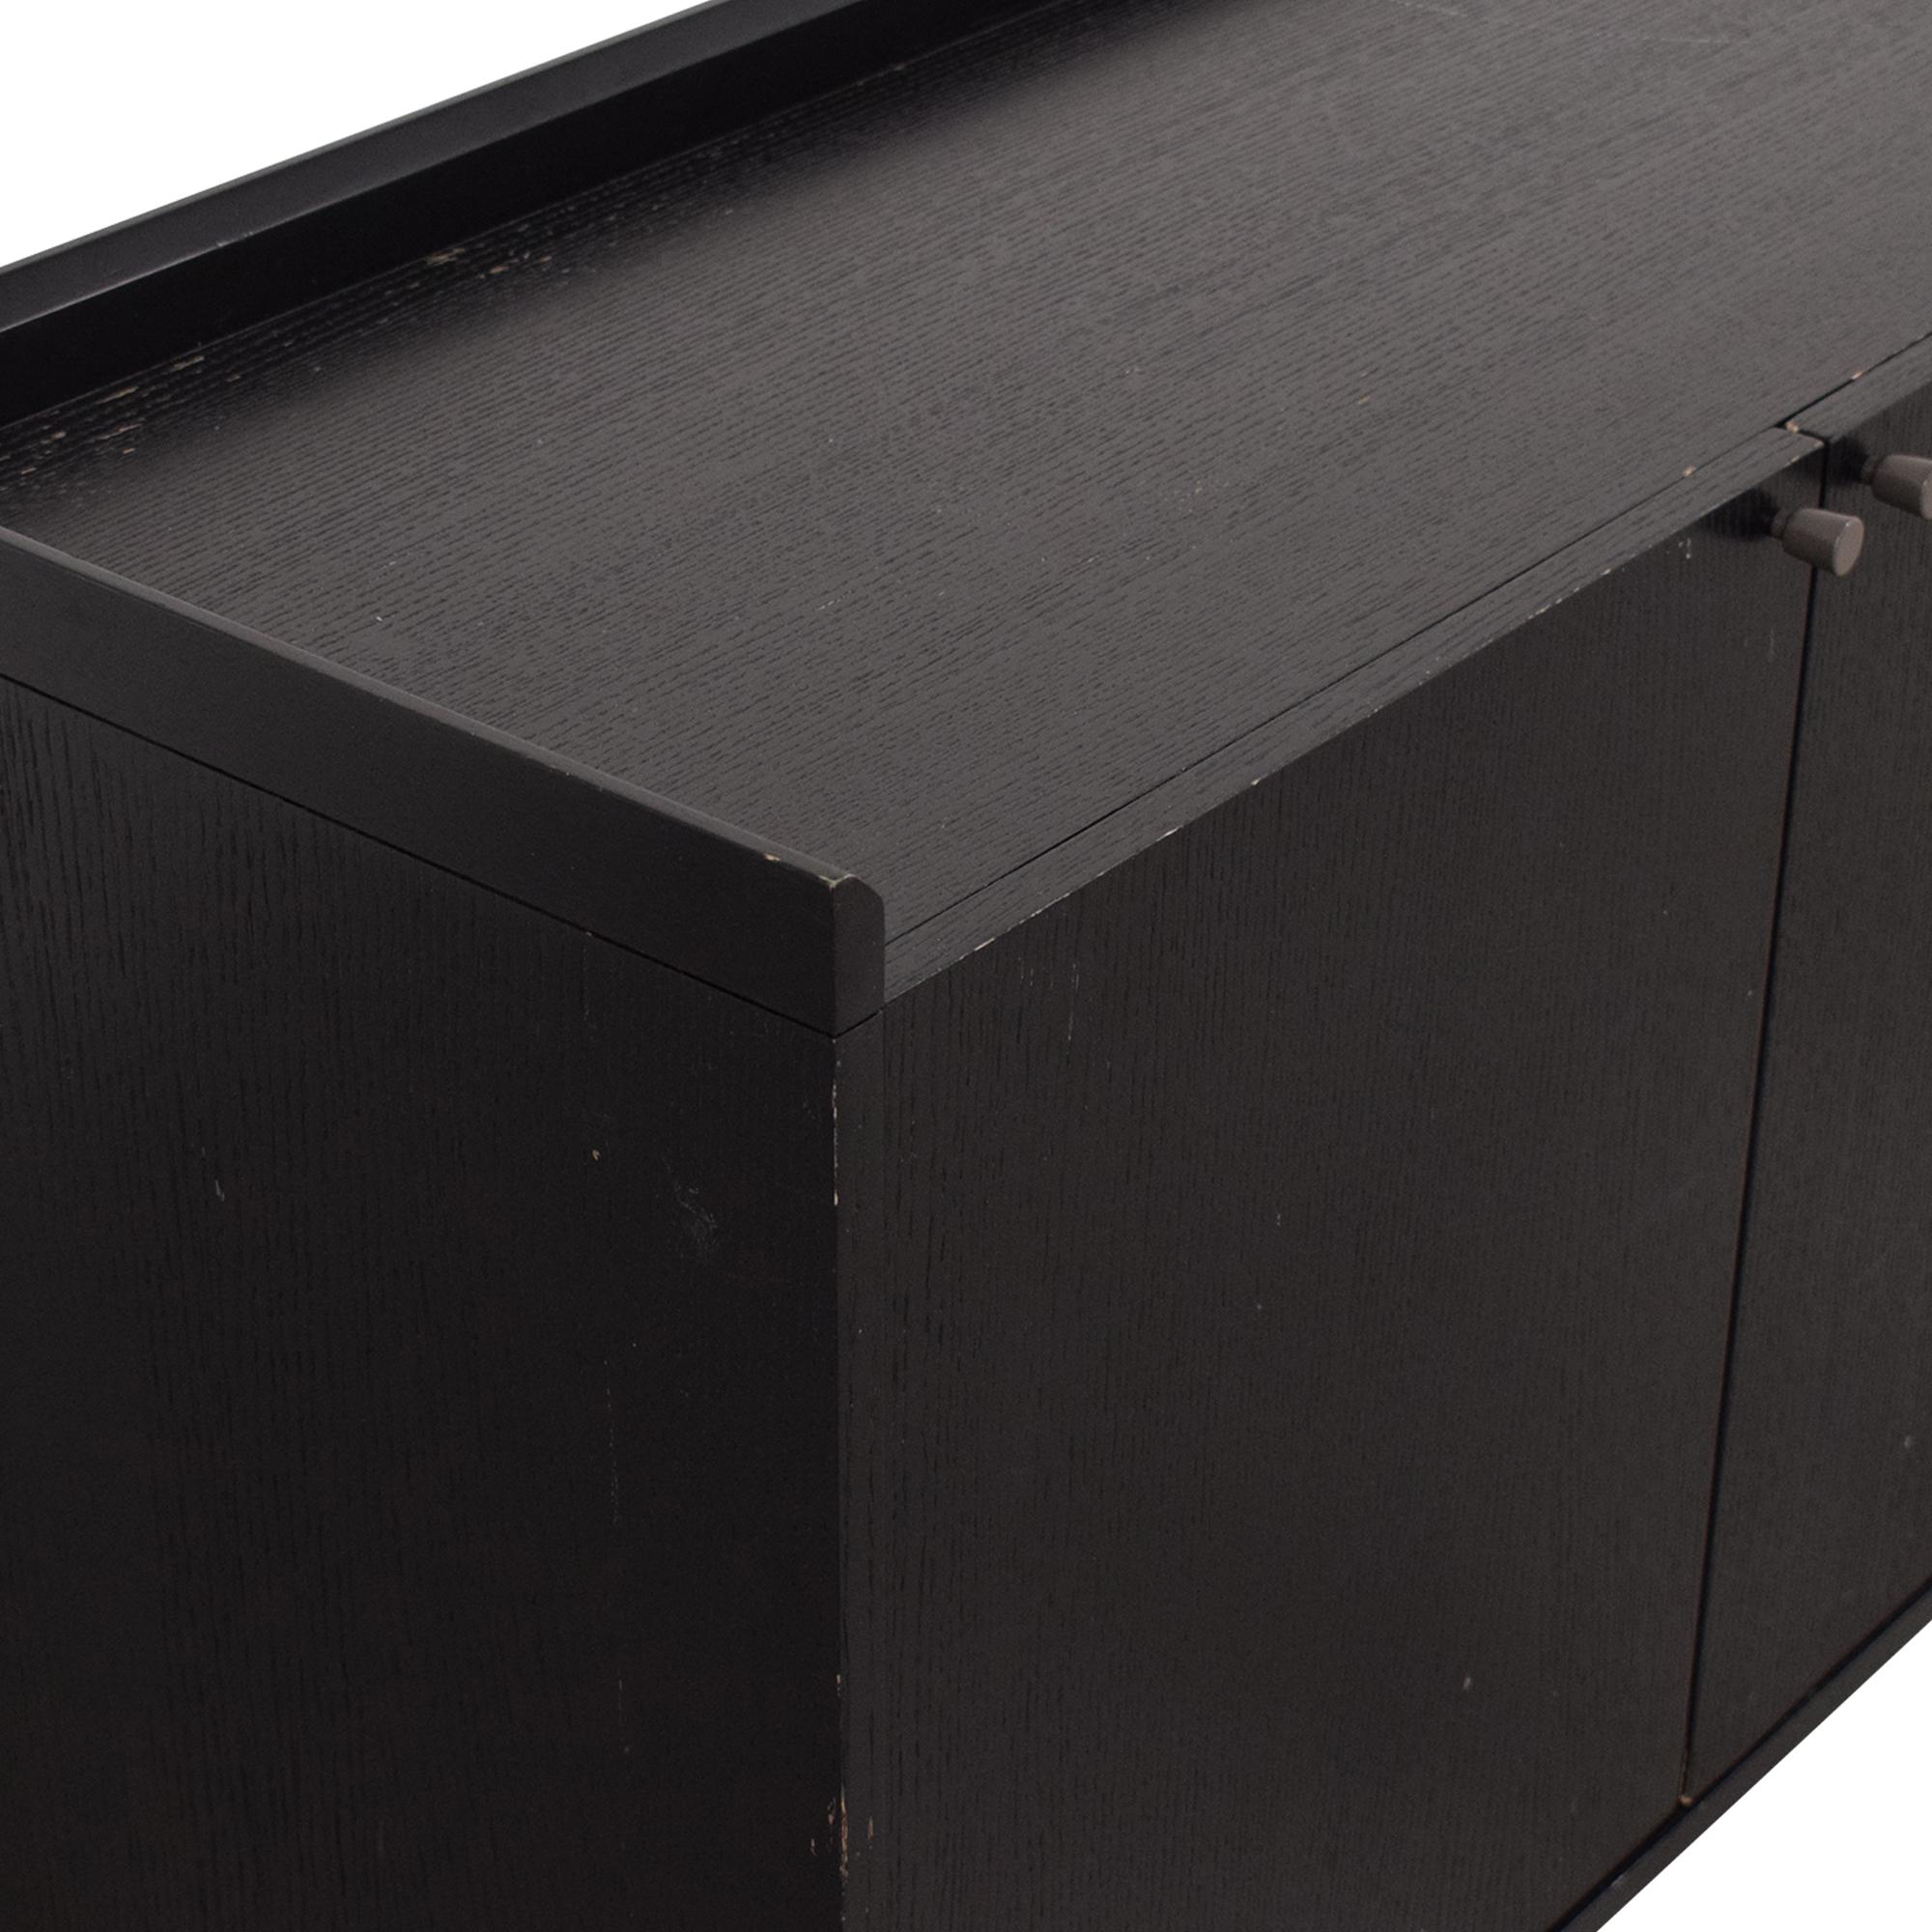 shop Crate & Barrel Facet Sideboard Crate & Barrel Cabinets & Sideboards